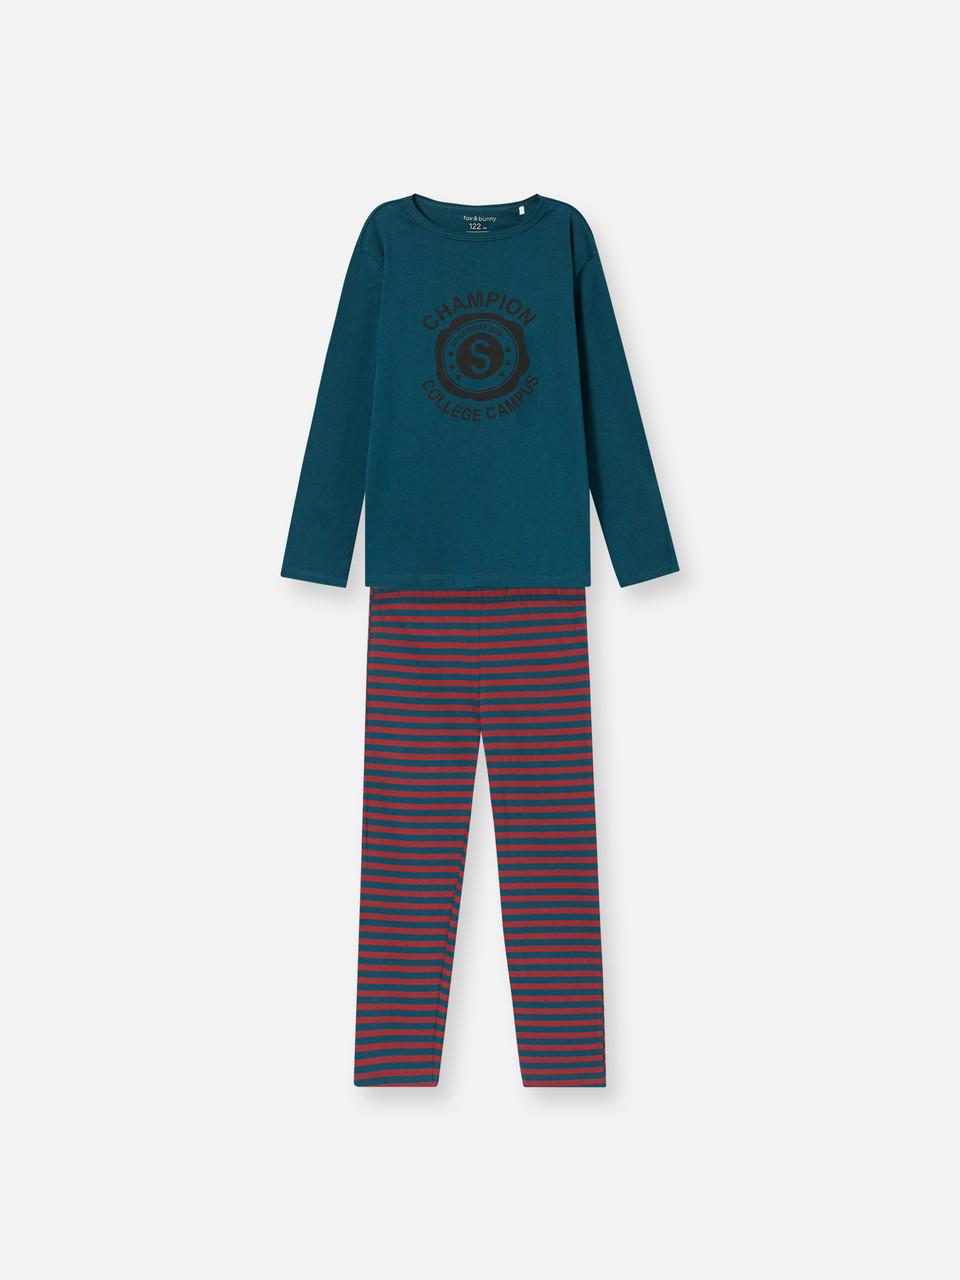 Детская трикотажная пижама Sinsay для мальчика